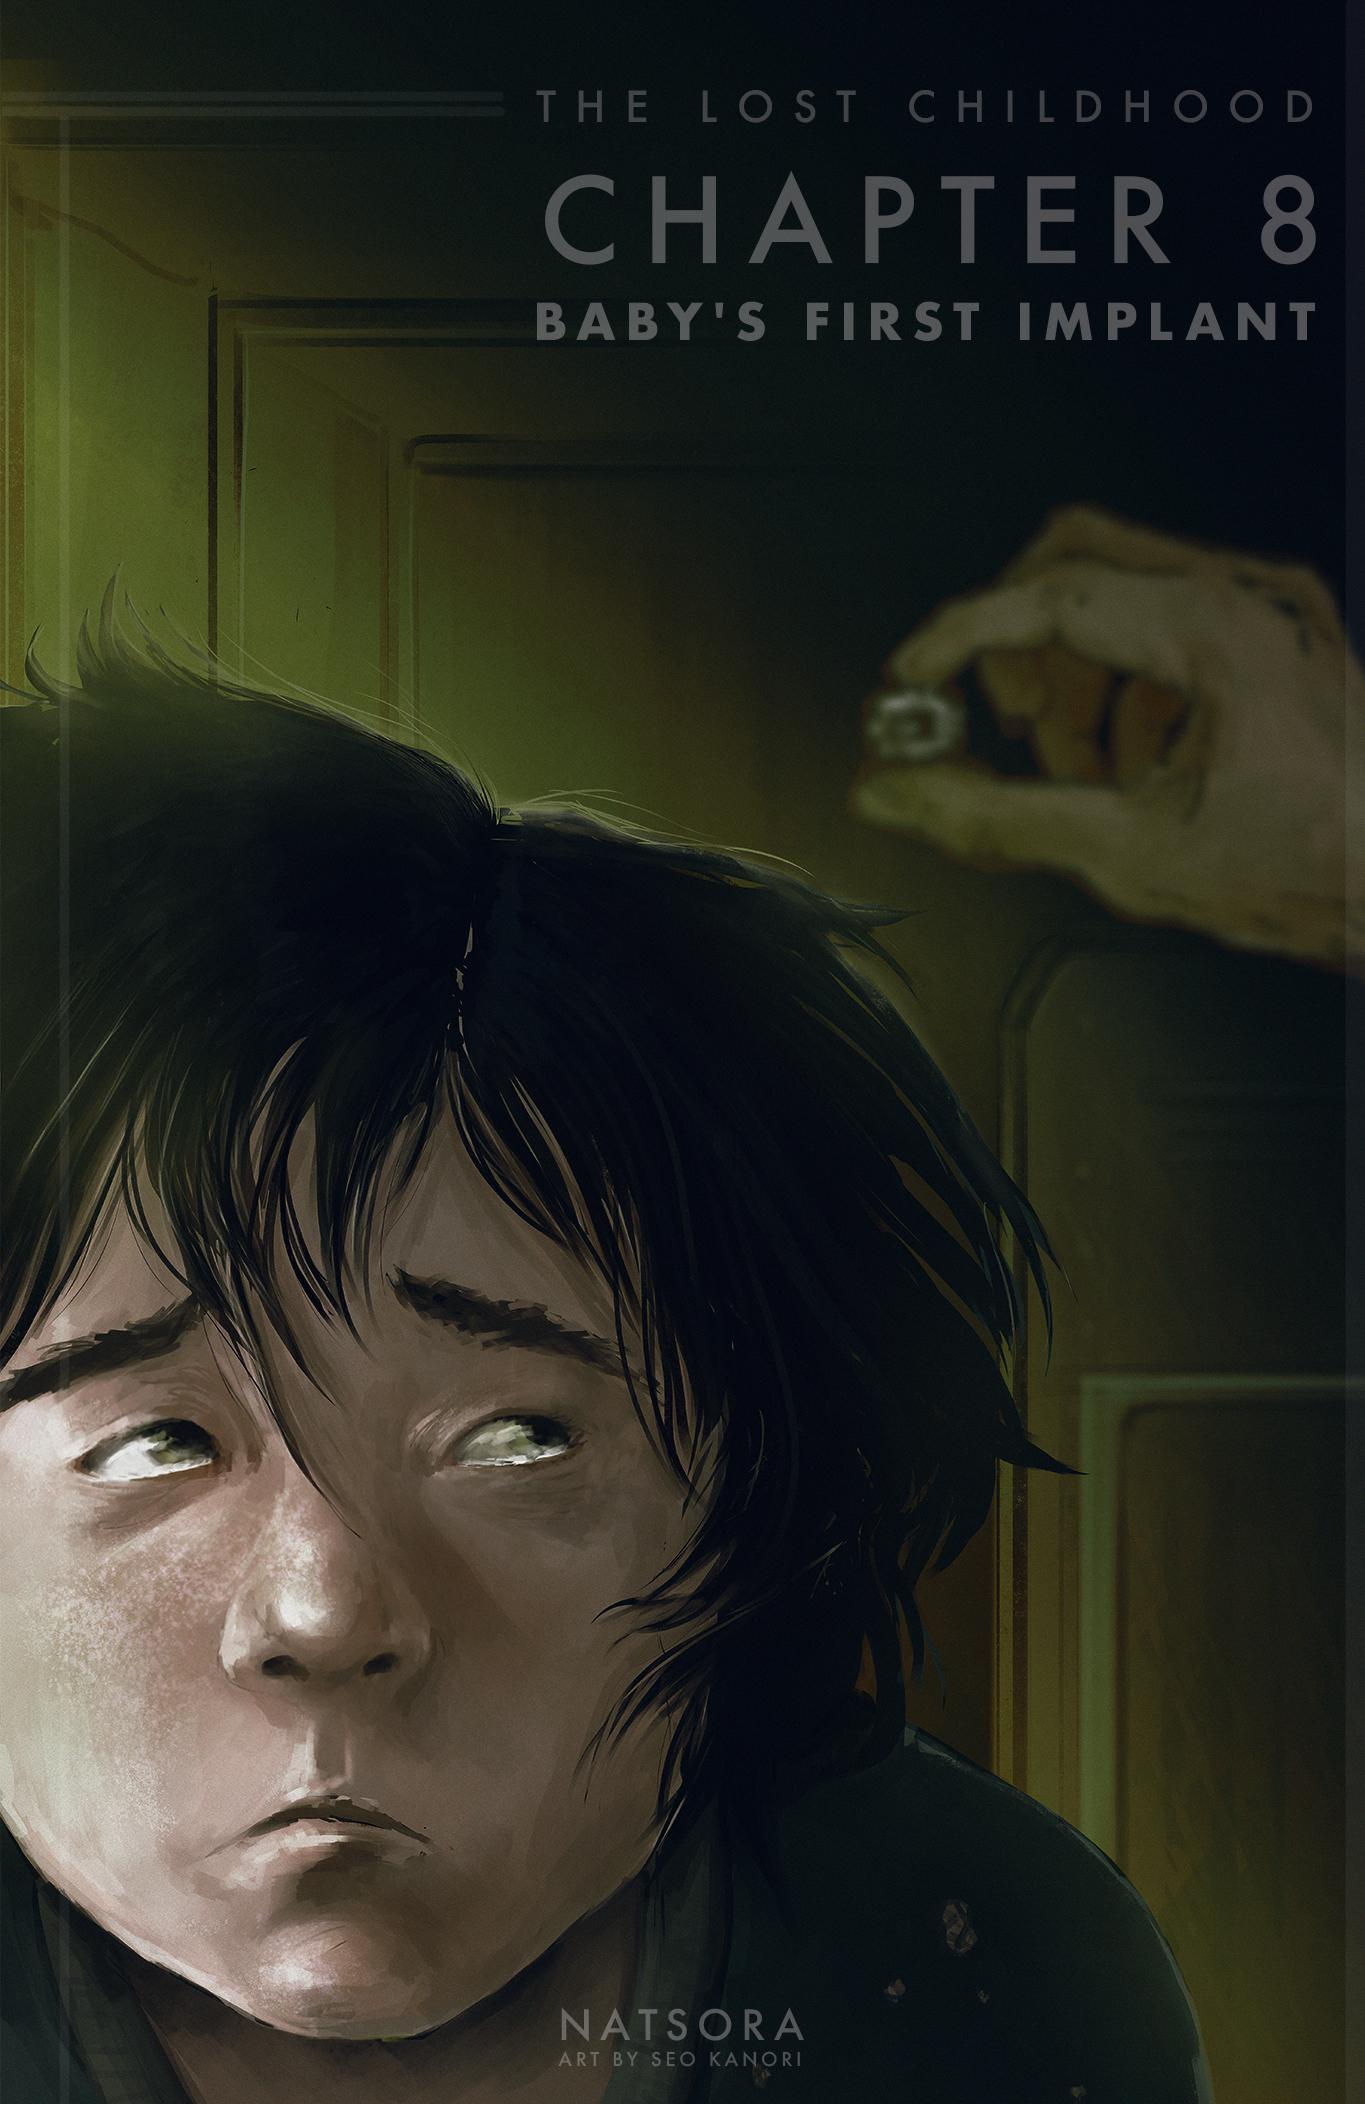 Art by  Seo Kanori